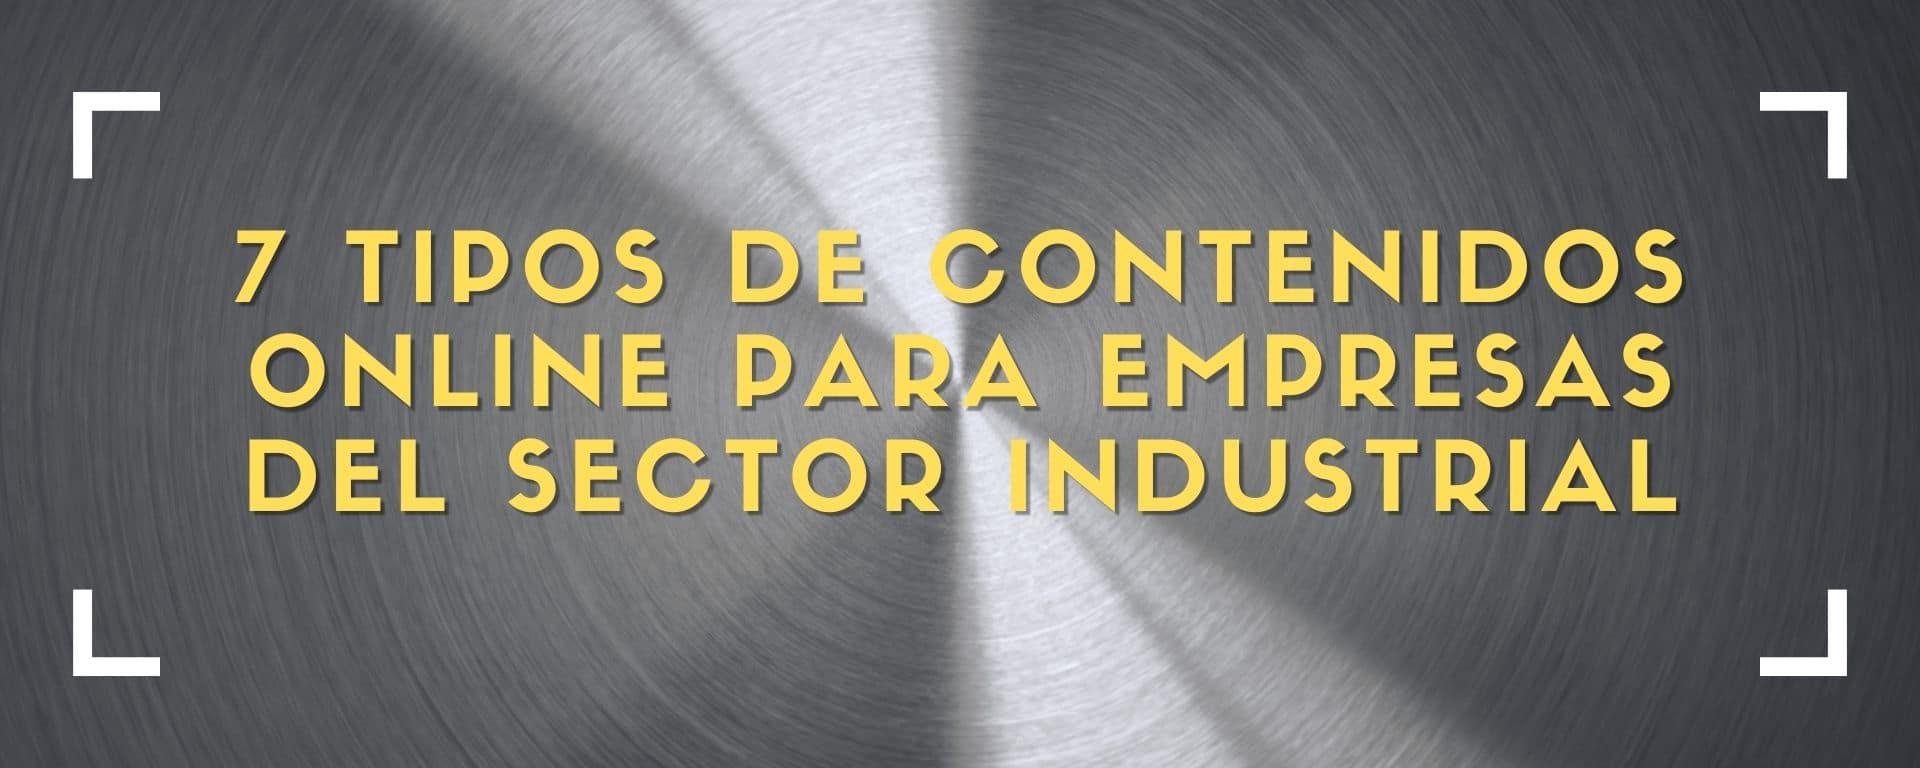 7 tipos de contenidos online para empresas del sector industrial